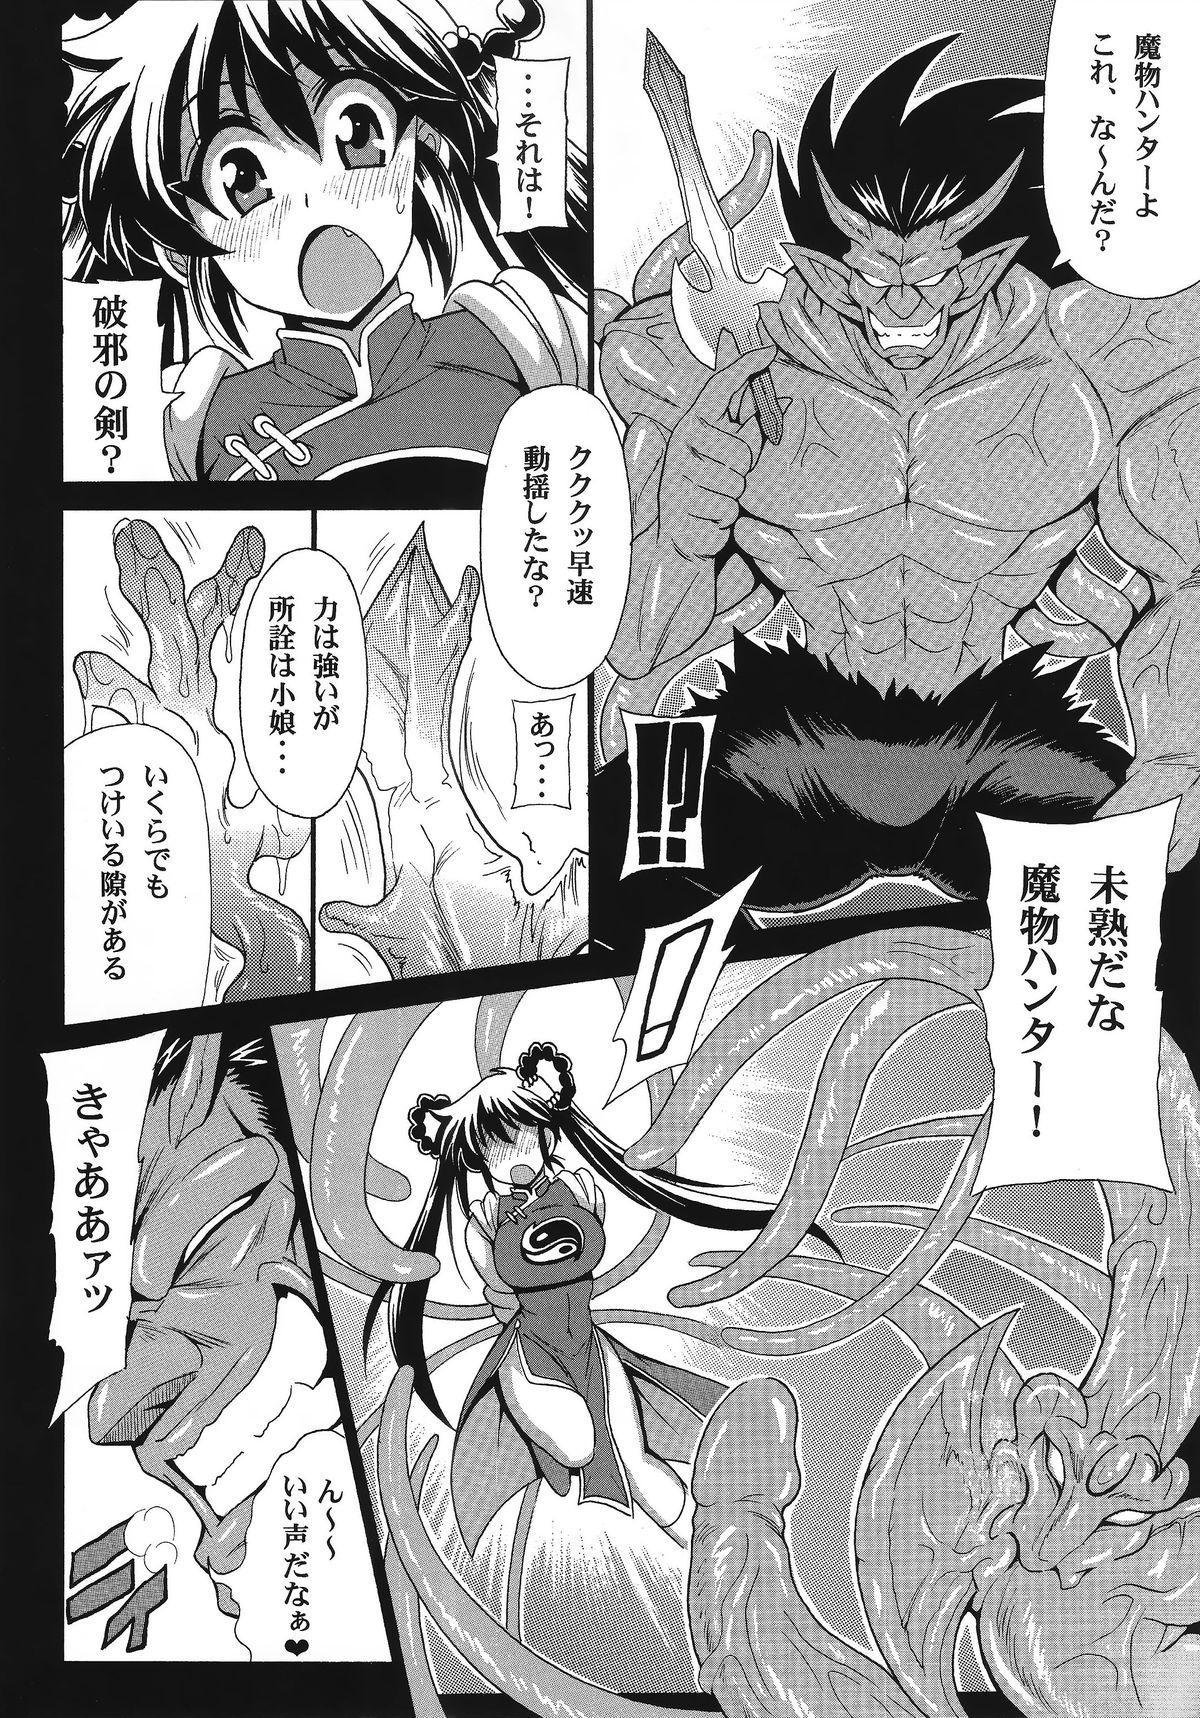 Mamono Hunter Inmu no Shou 4